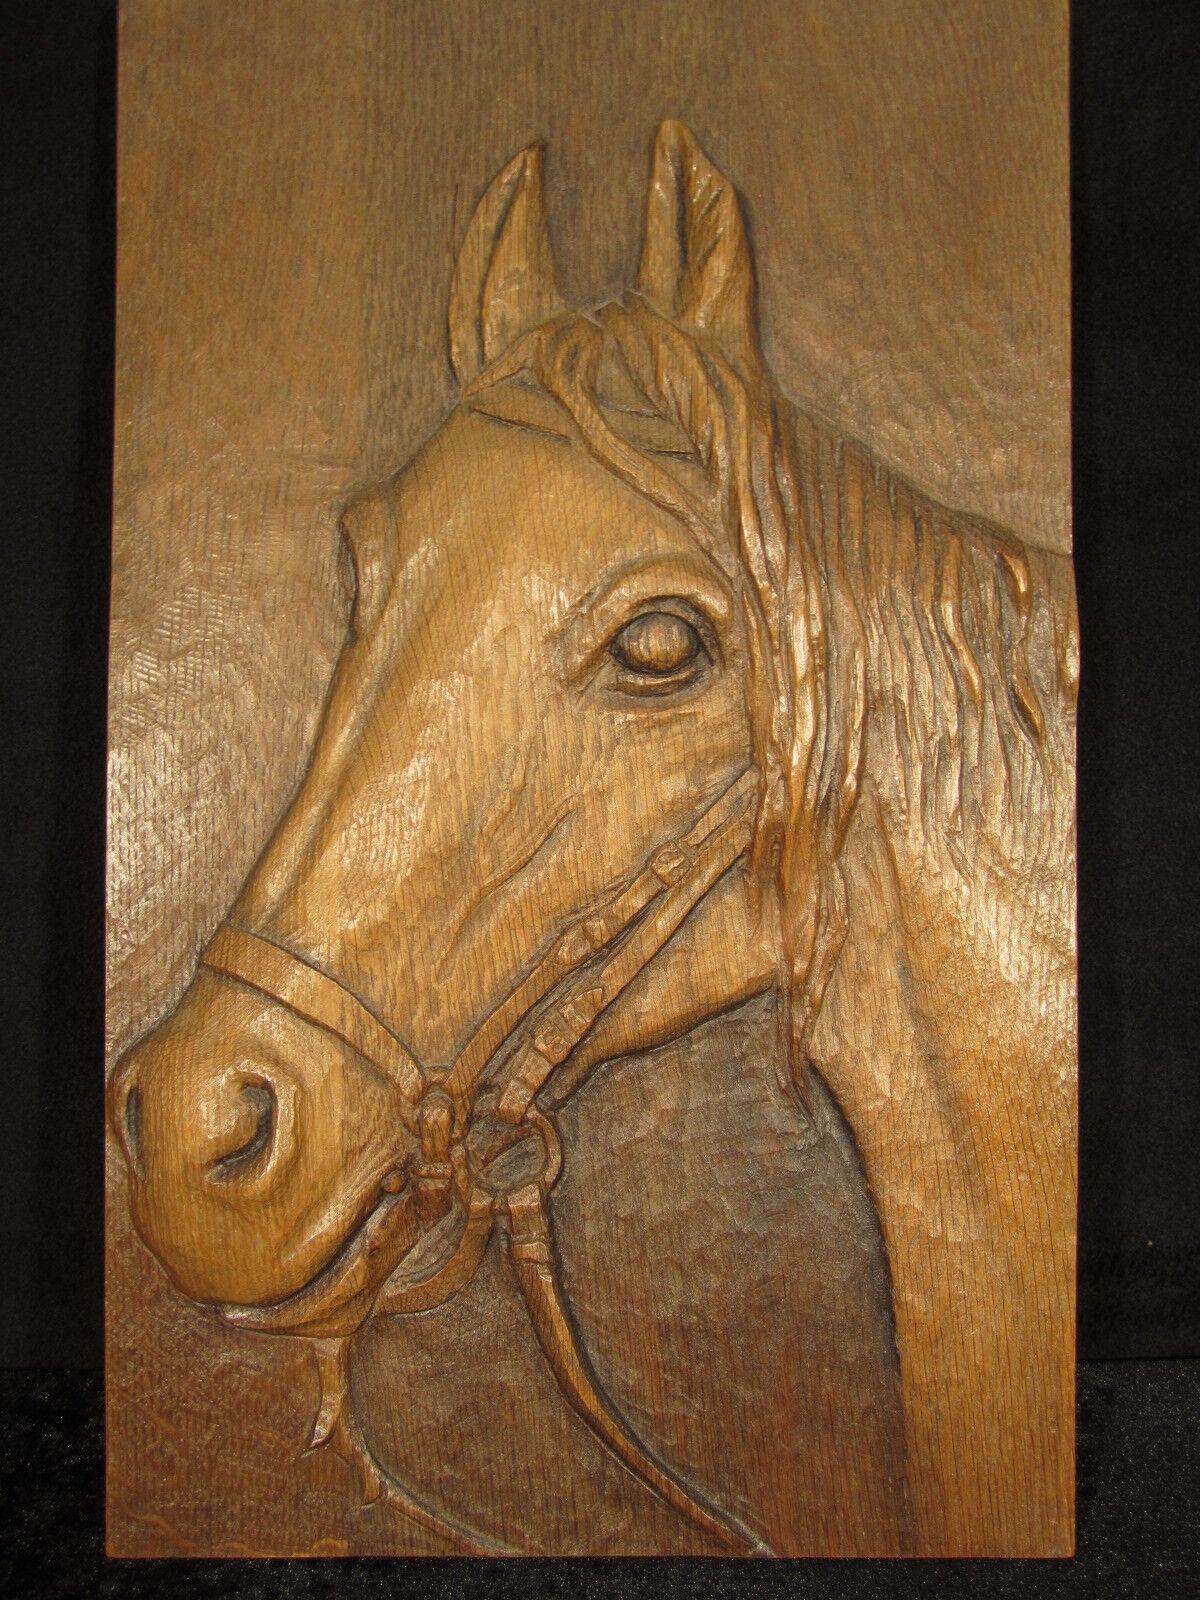 Pferdekopf-Relief, Eiche handgeschnitzt brown gebeizt ca 53 x 32 x 2,5 cm wieher